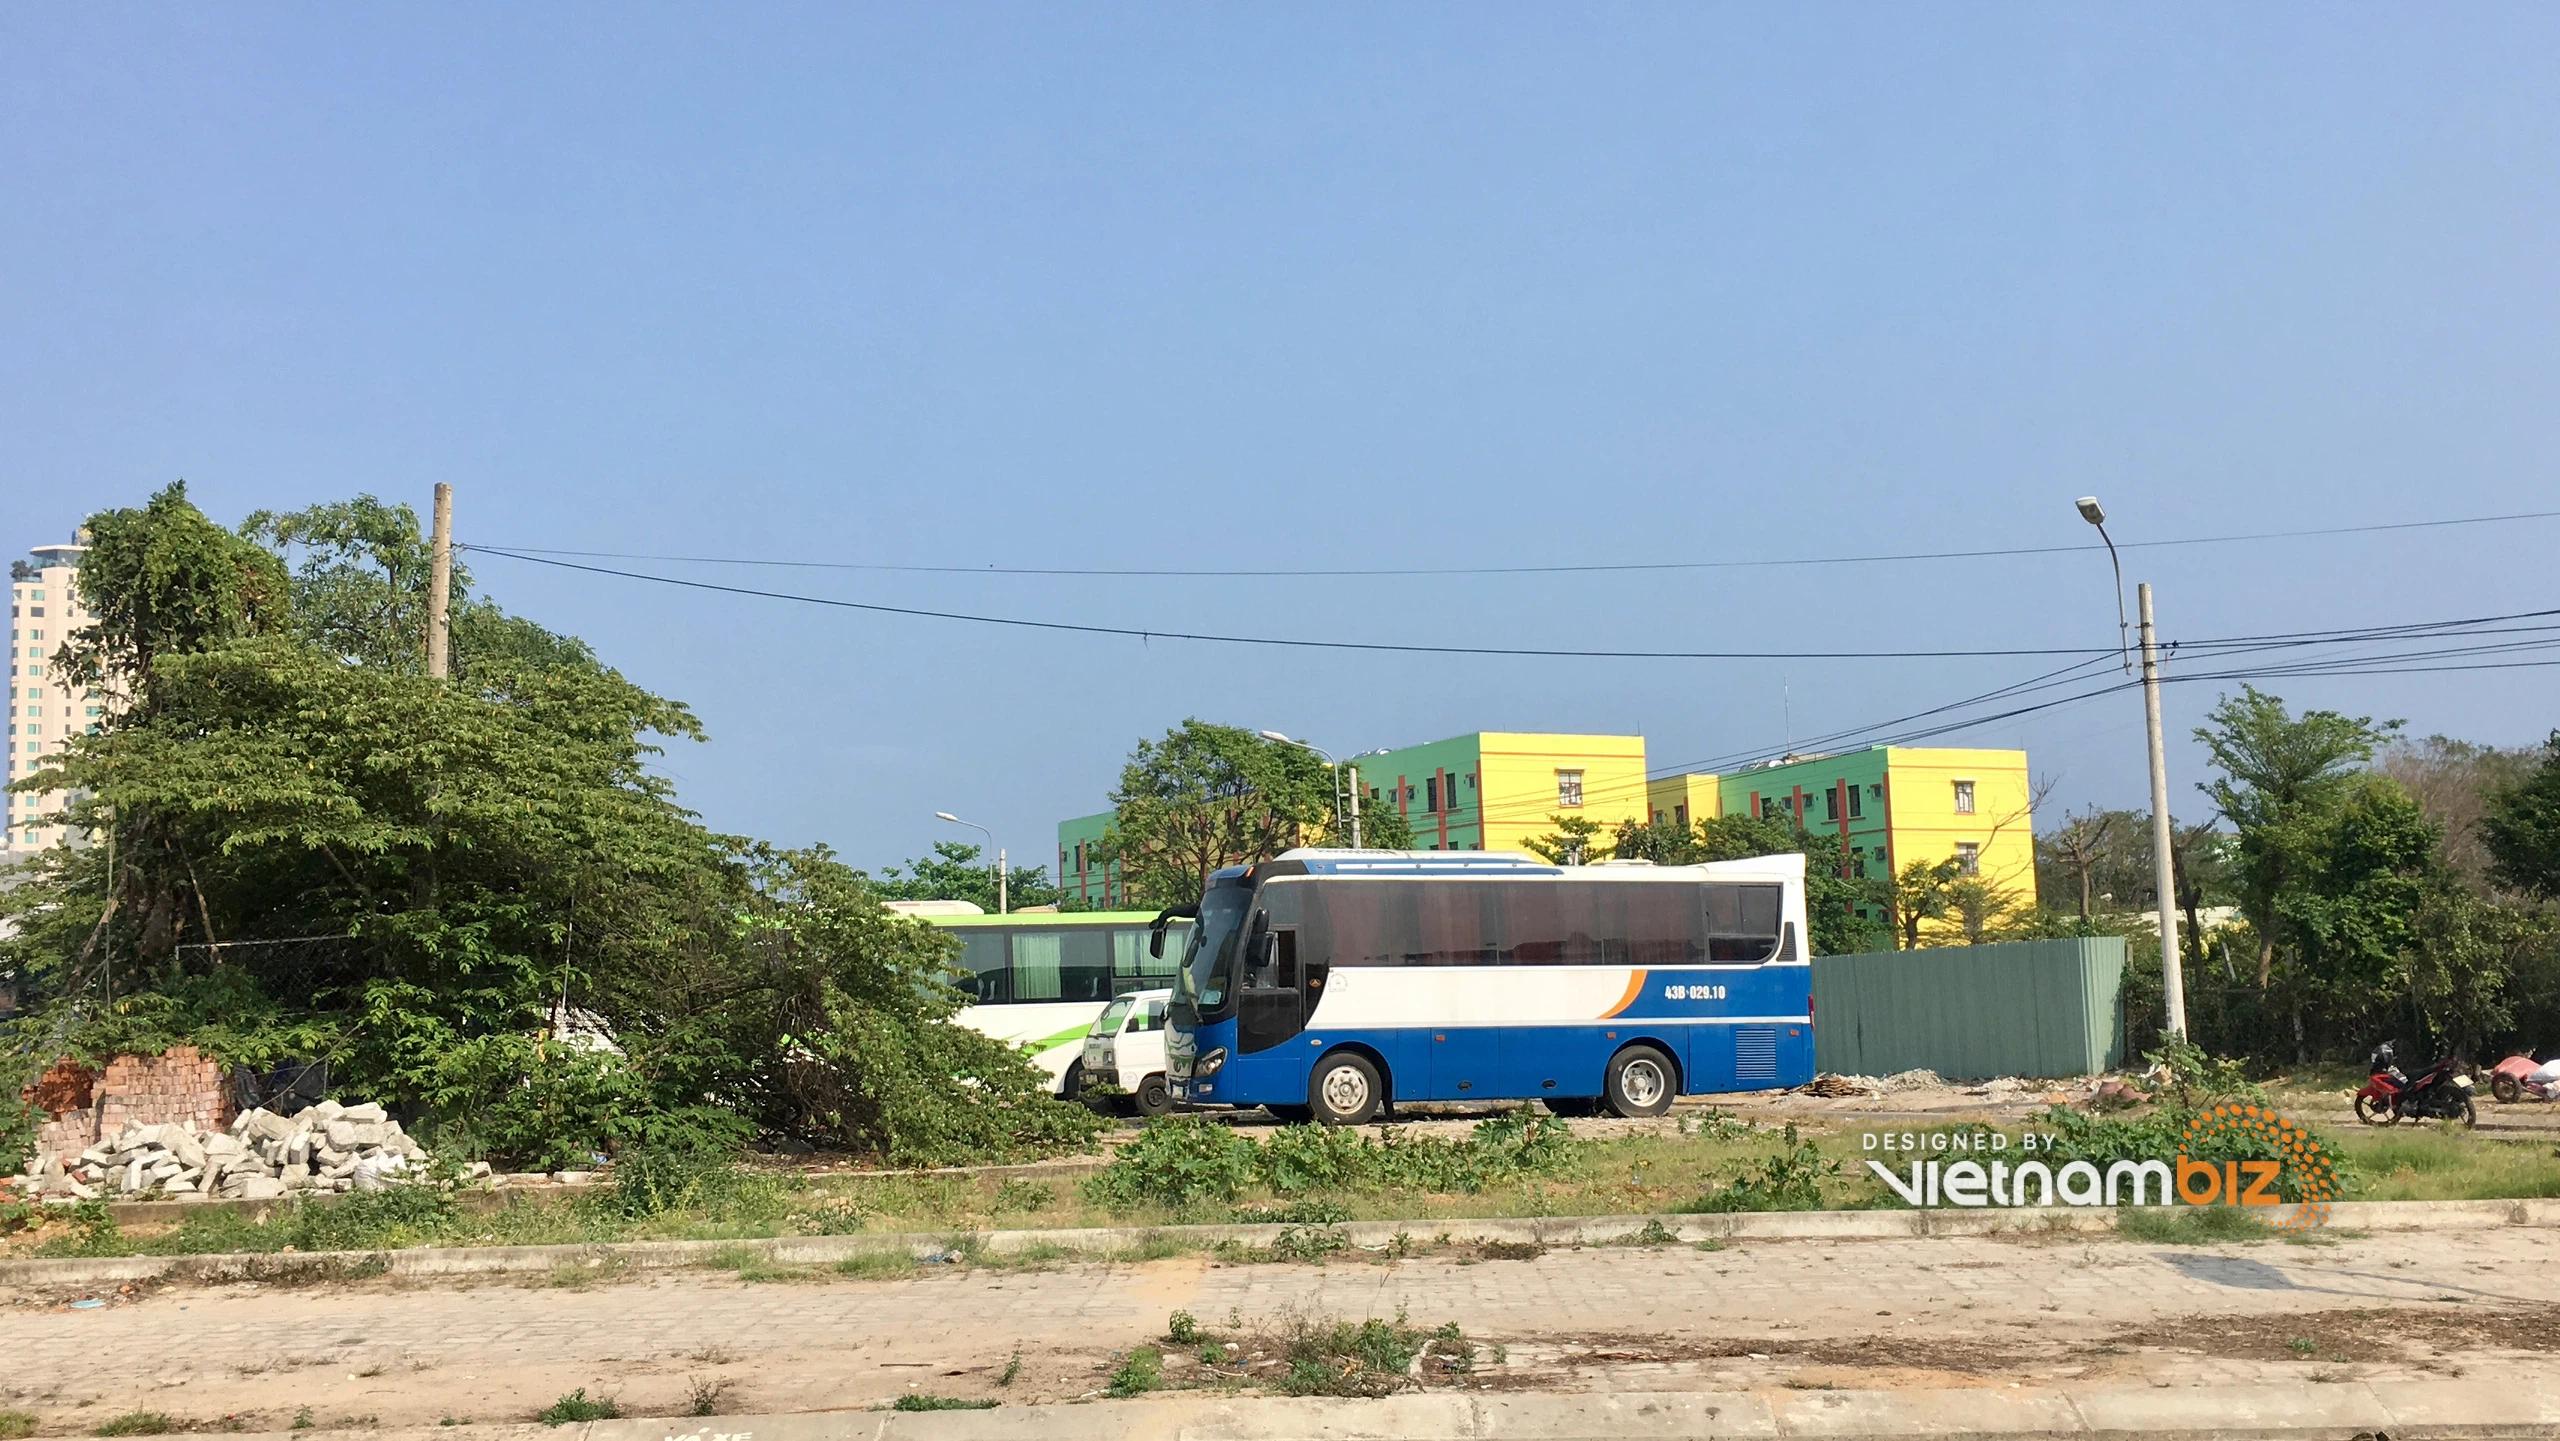 Hình ảnh 5 khu đất Đà Nẵng sẽ làm Khu phức hợp có casino và chung cư cao cấp 62 tầng - Ảnh 18.